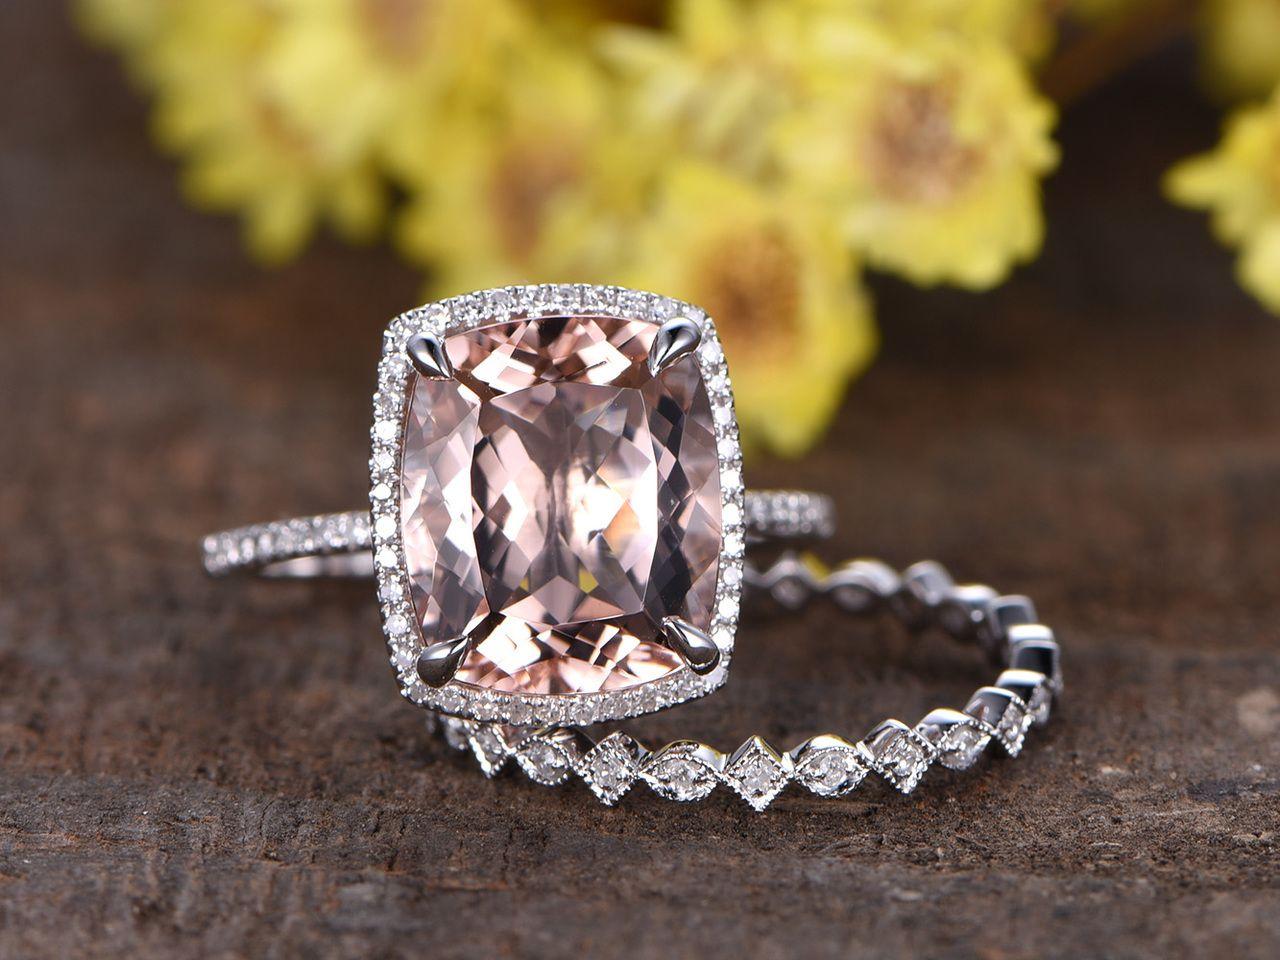 5 Carat Morganite Bridal Set 14k White Gold Diamond Wedding Ring Pink Morganite Engagement Ring Morganite Engagement Ring Set White Gold Diamond Wedding Rings